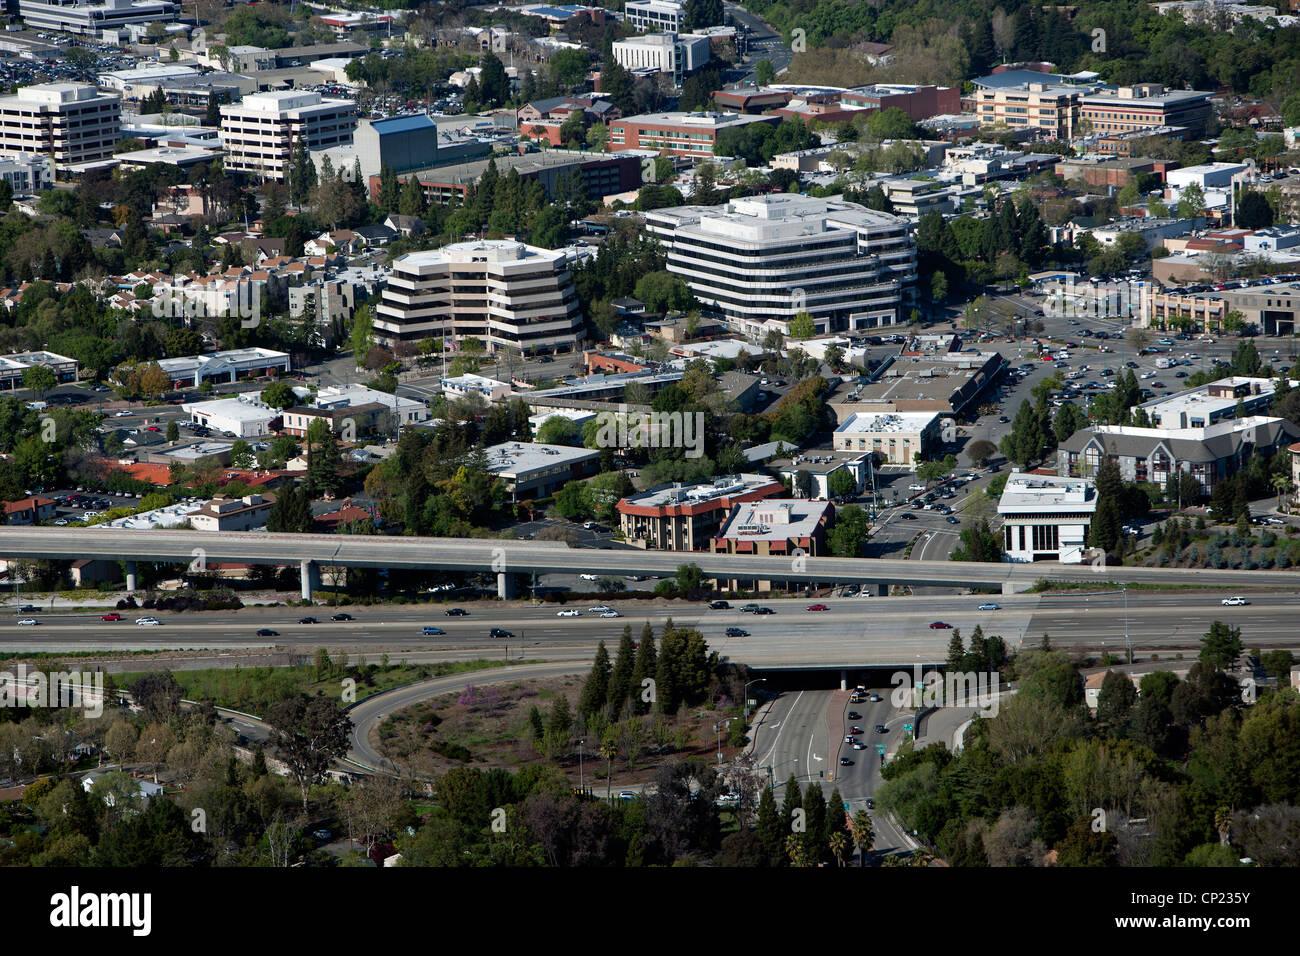 Photographie aérienne Walnut Creek, comté de Contra Costa, en Californie Photo Stock